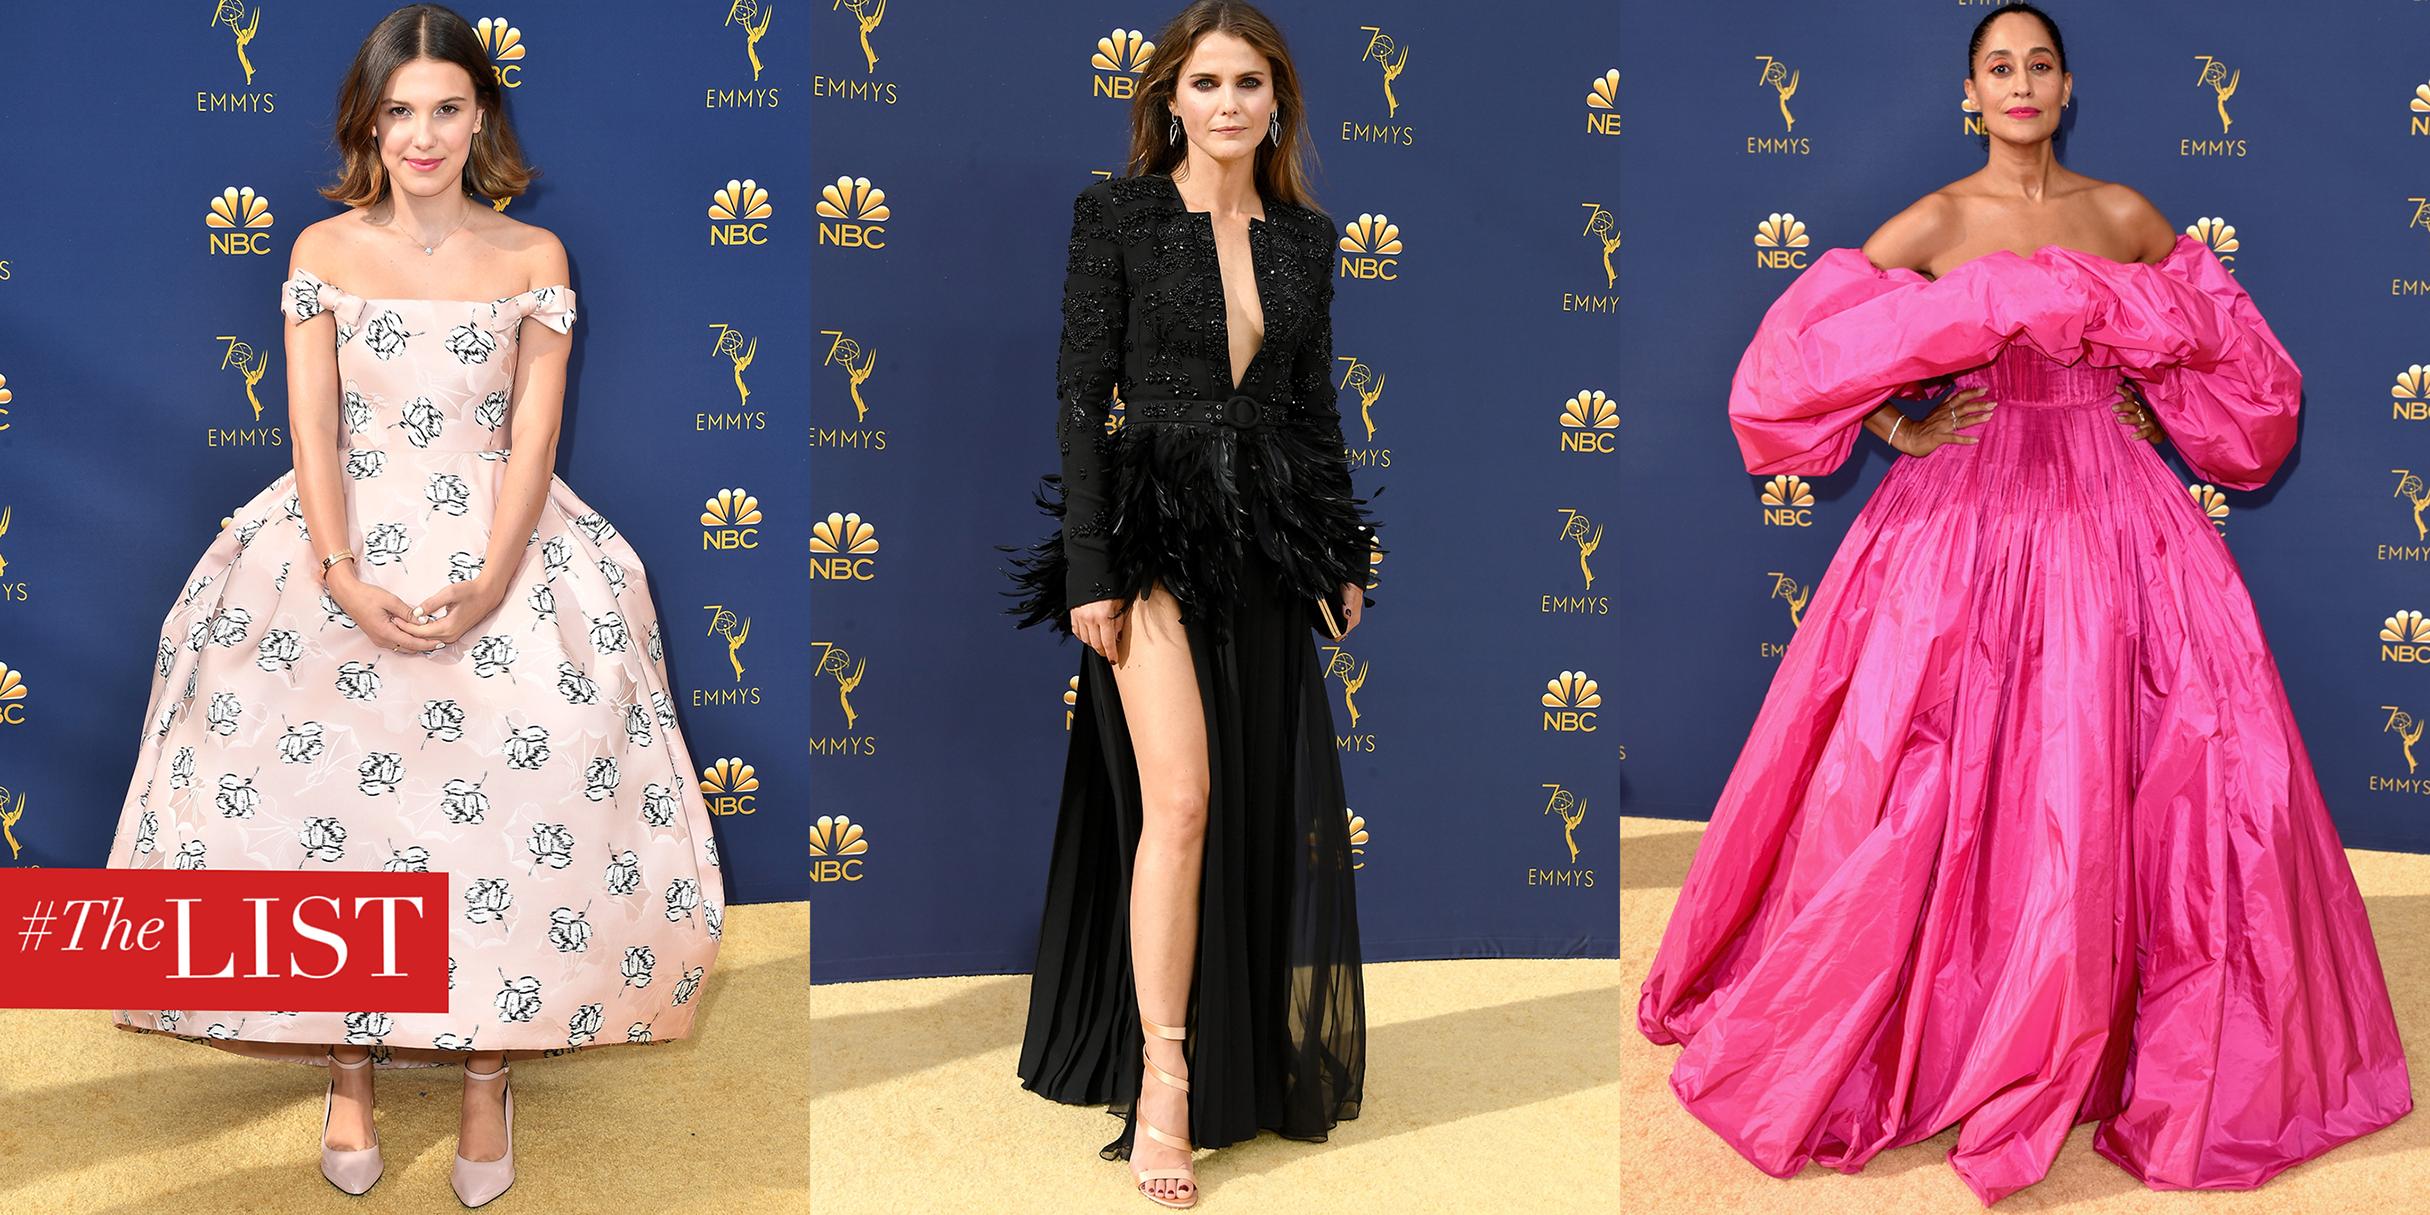 Best Dressed Emmys 2019 Emmys 2018 Best Dressed   Emmy Awards Celebrity Red Carpet Dresses